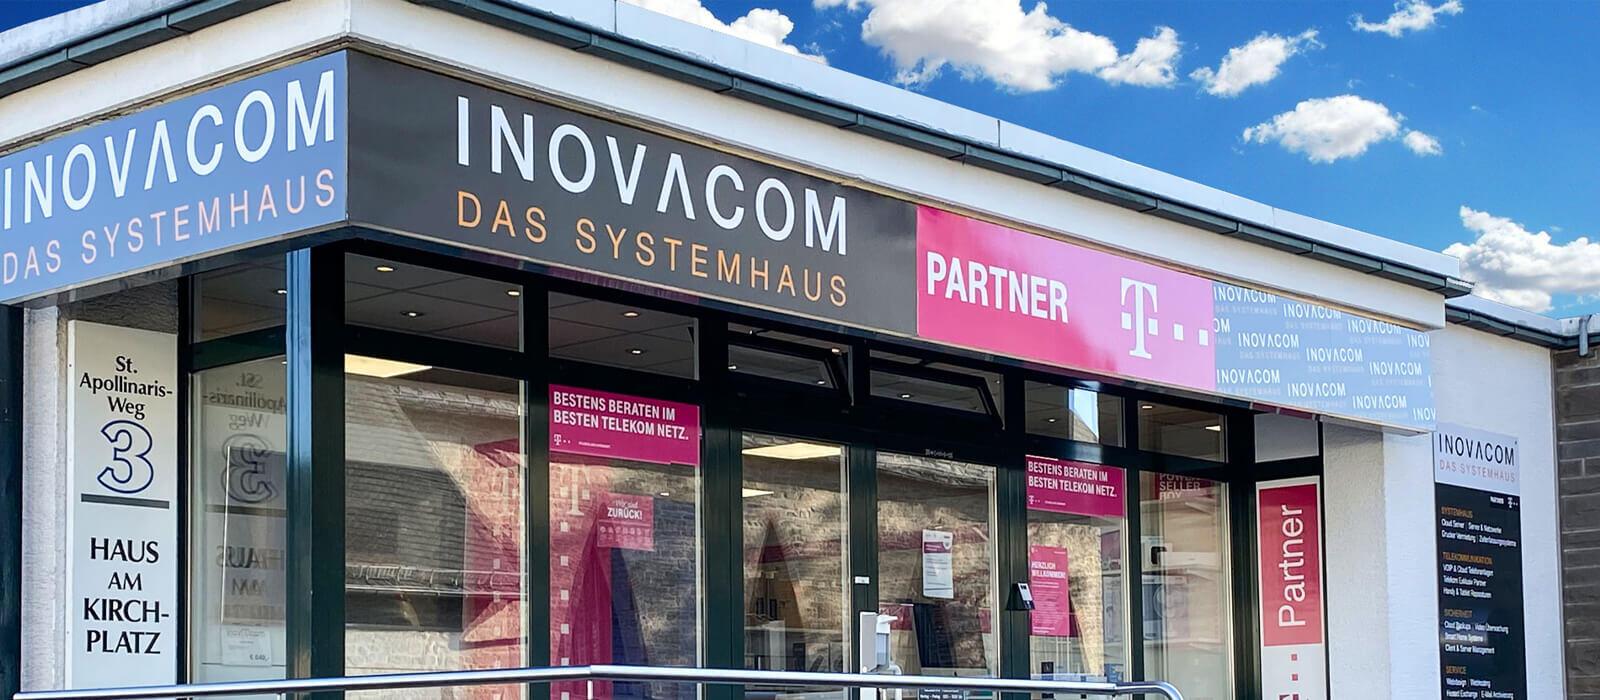 INOVACOM Das Systemhaus Ladenlokal Frielingsdorf